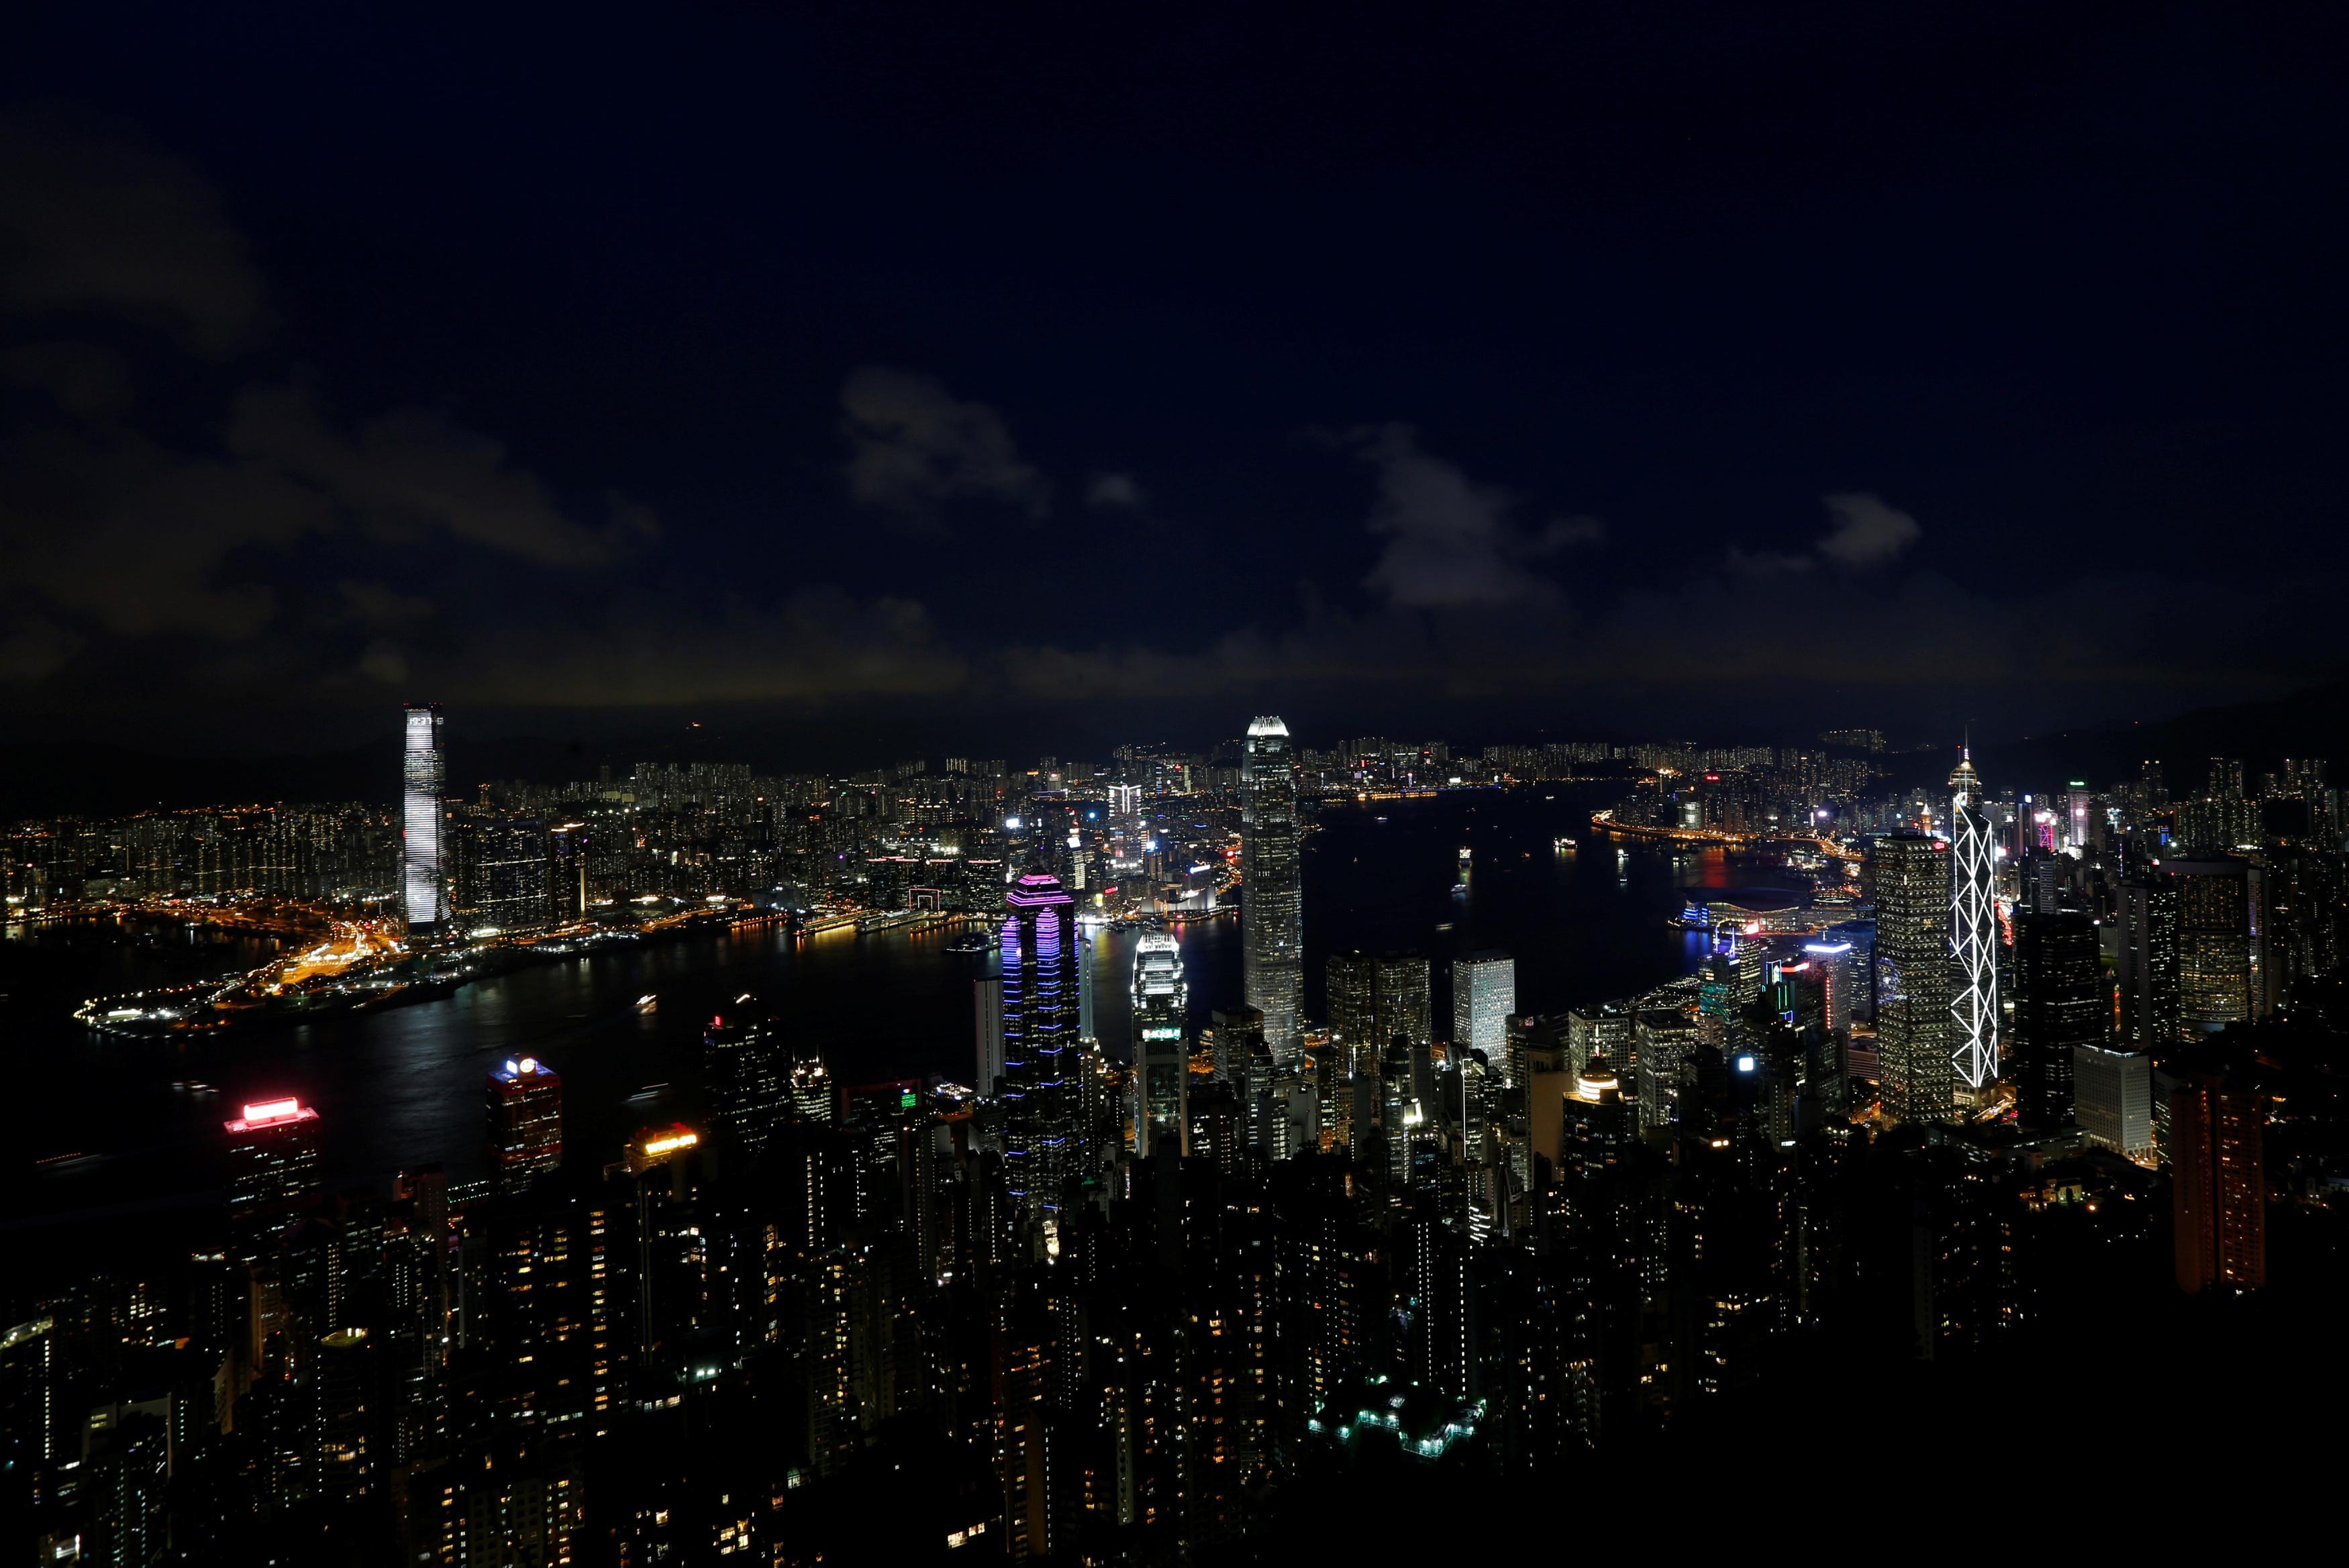 Hong Kong raises $1 billion in oversubscribed first green bond